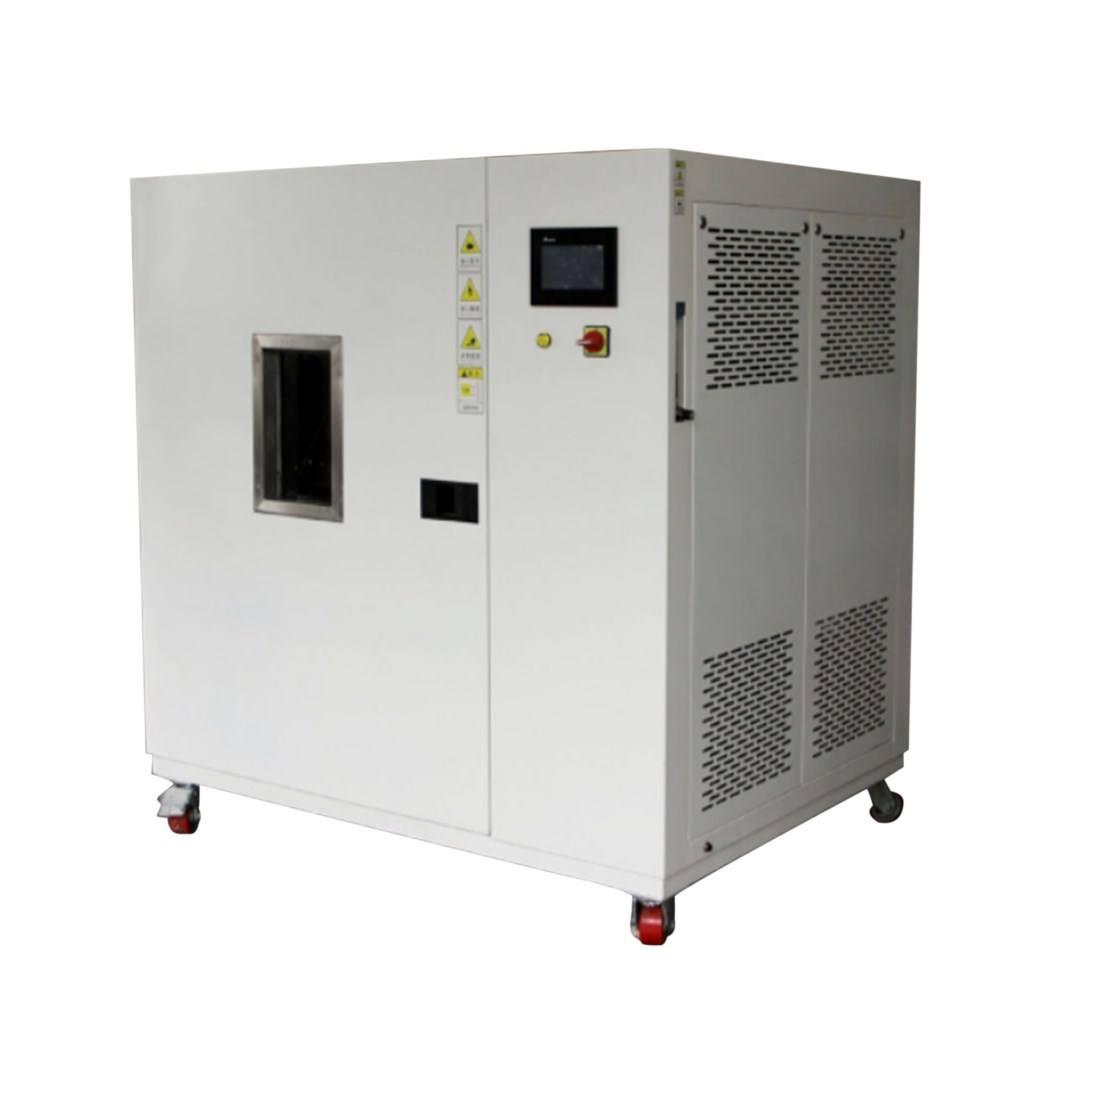 1立方米VOC释放量环境测试舱 (8)